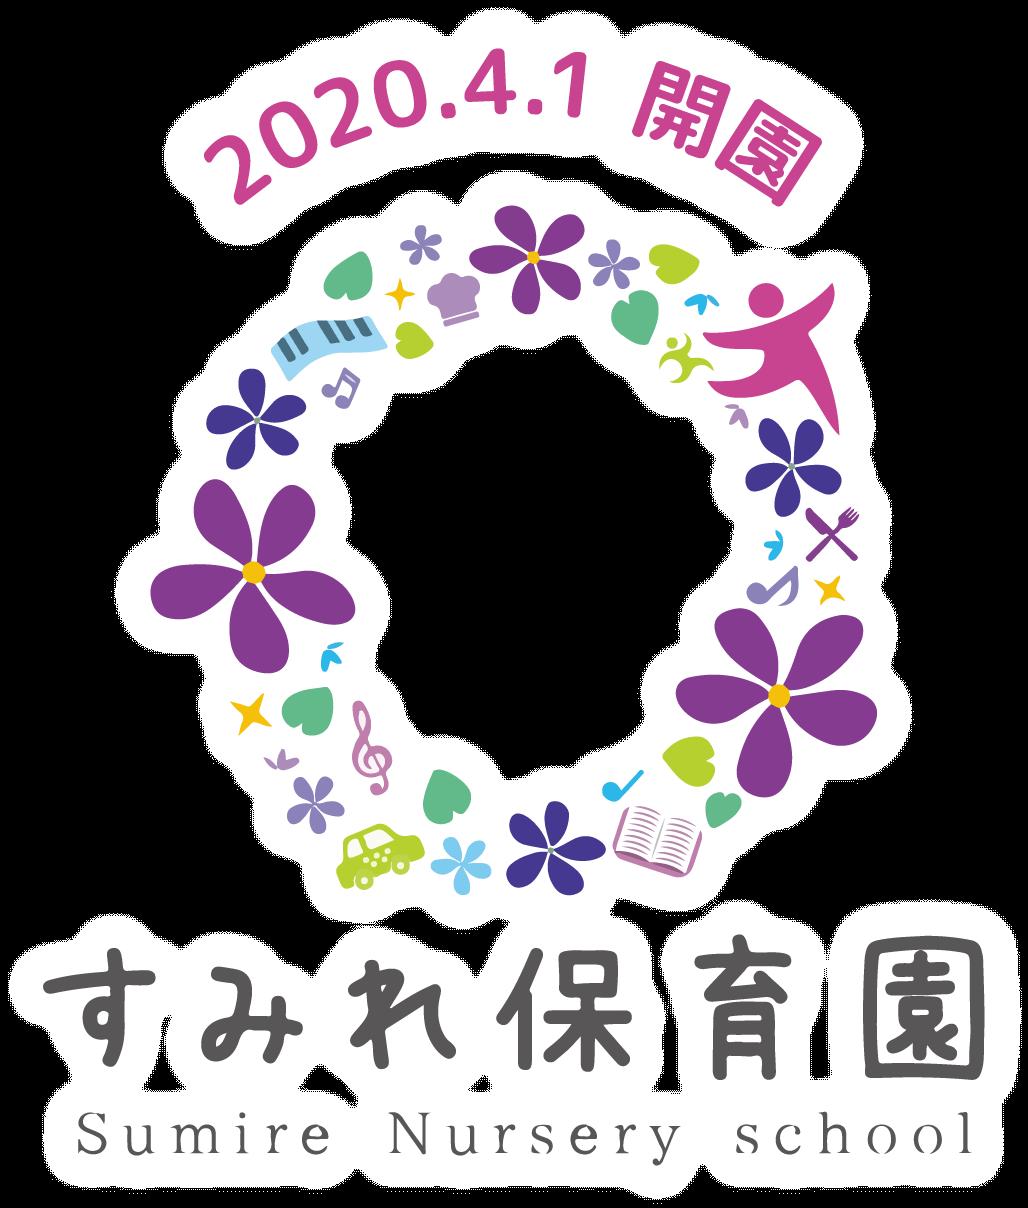 2020.4.1開園 すみれ保育園